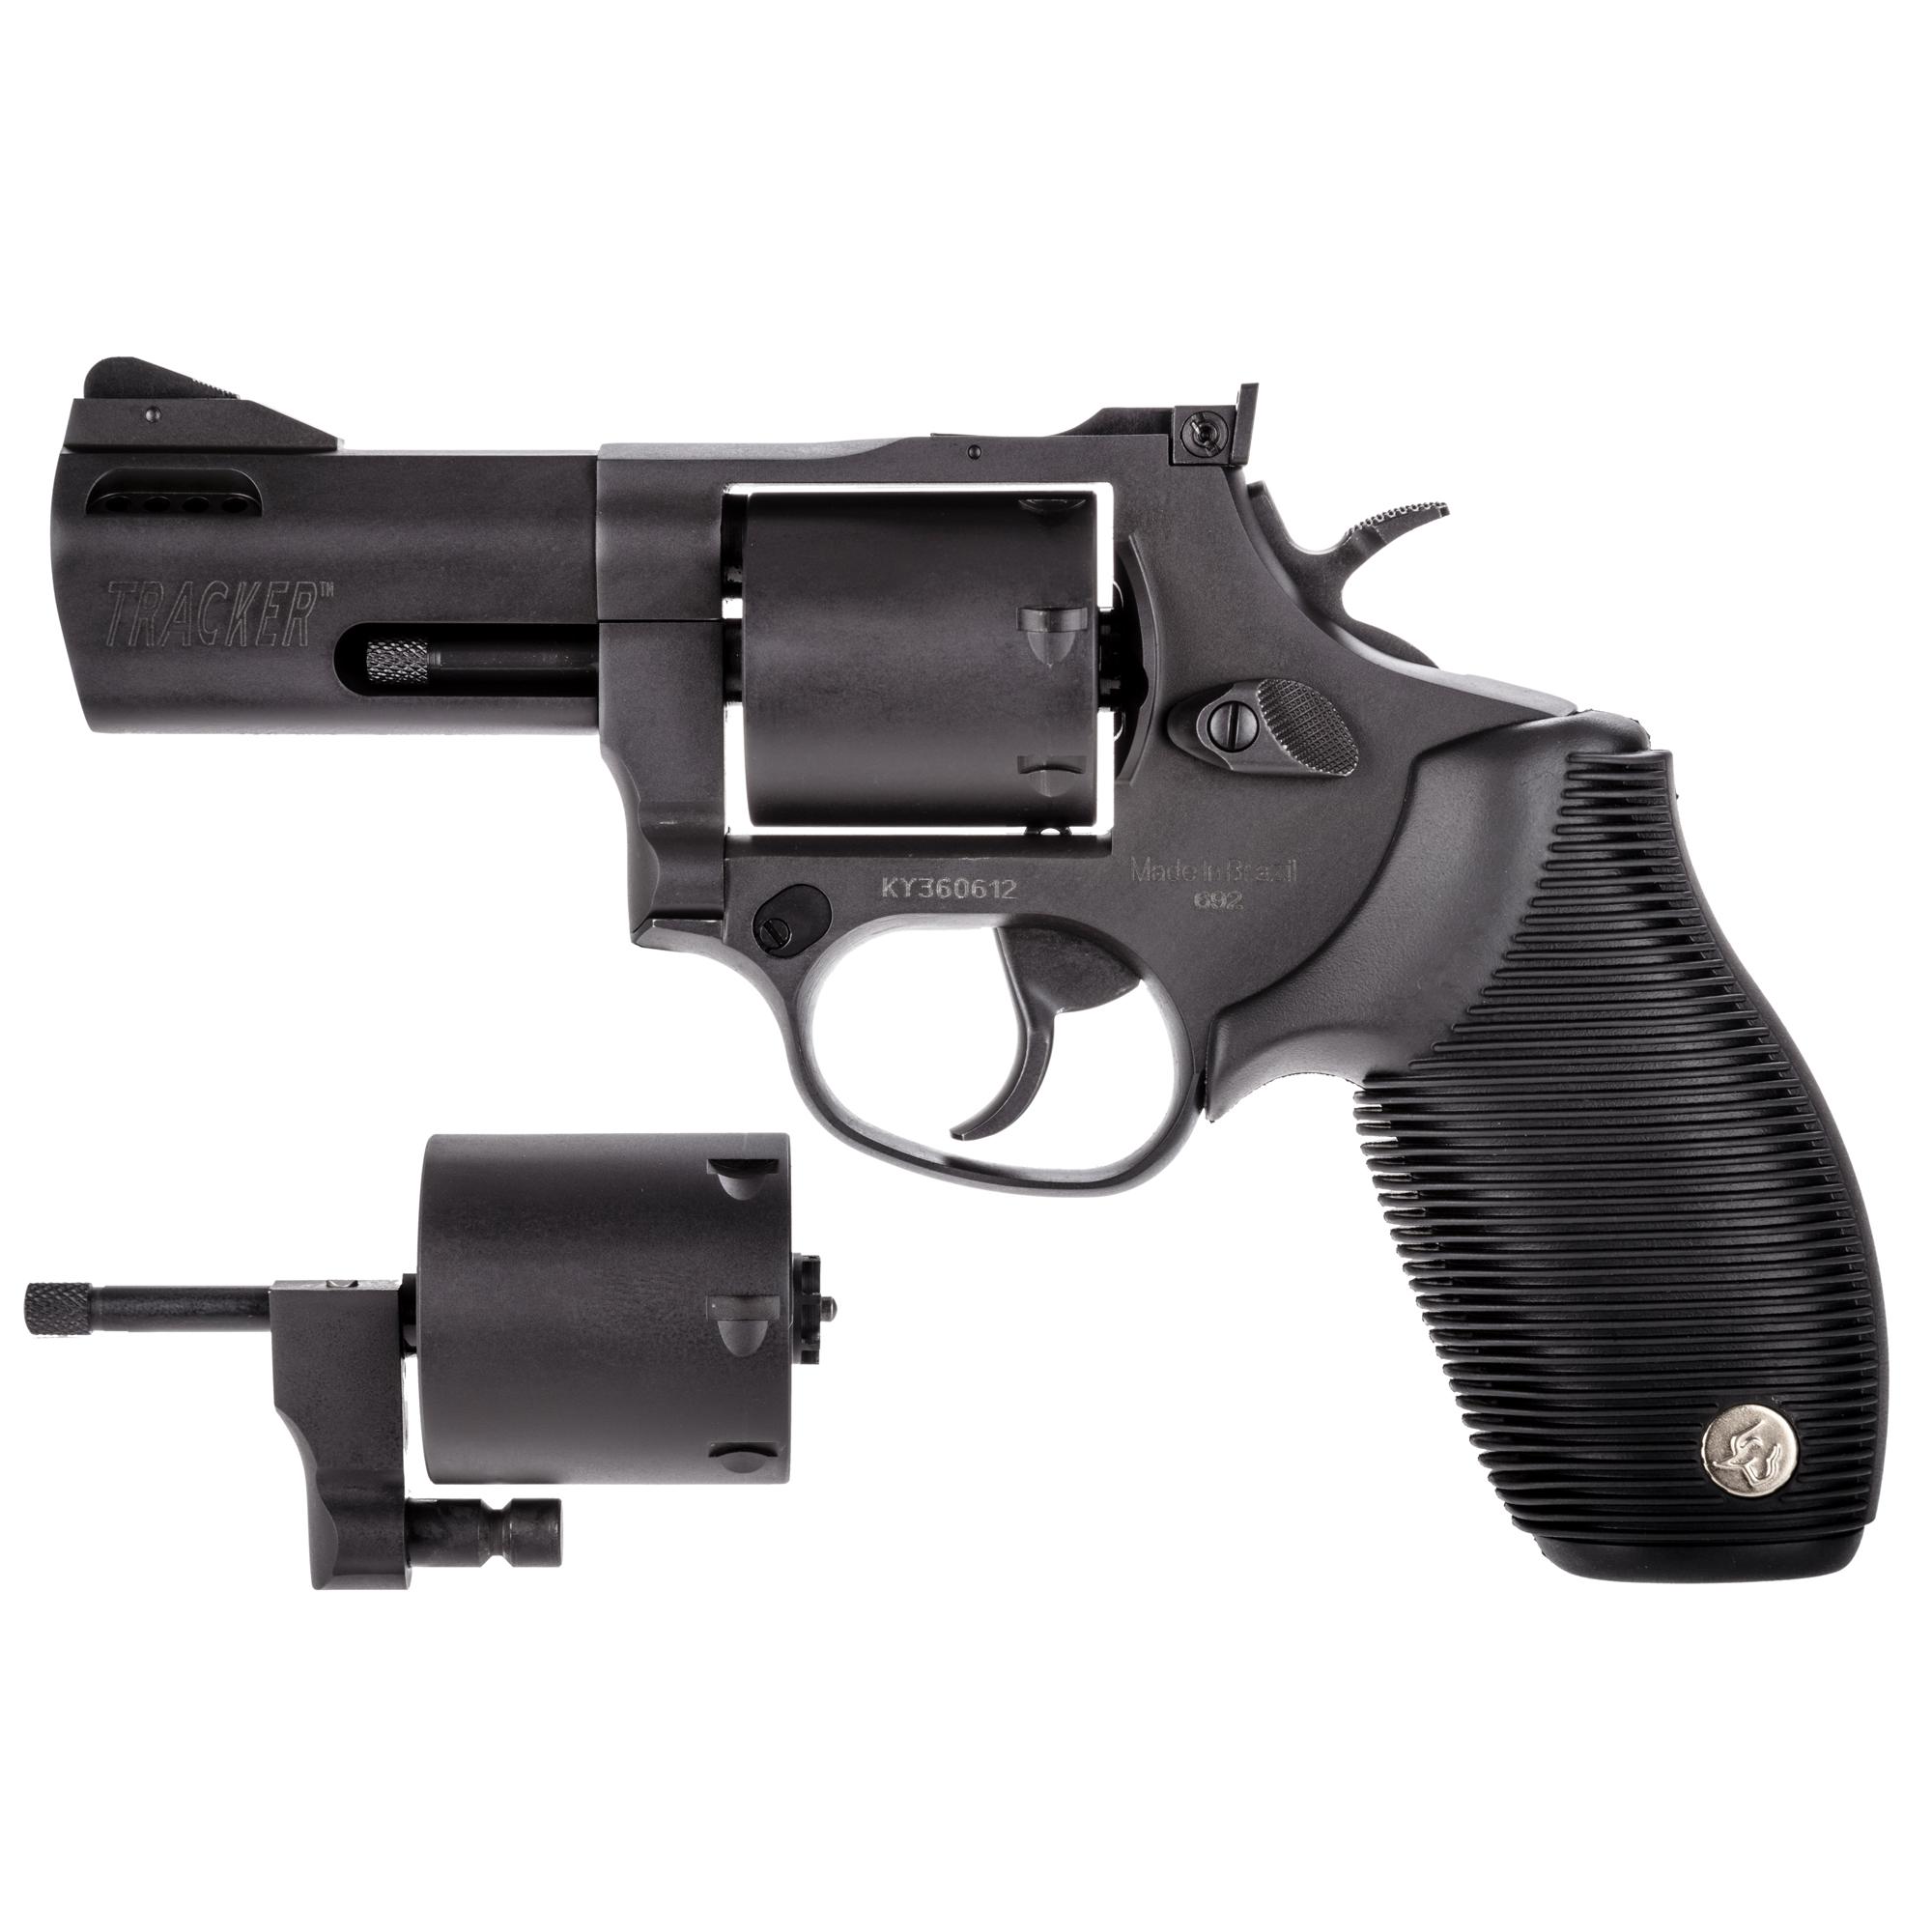 Taurus 692 38-357-9mm 3